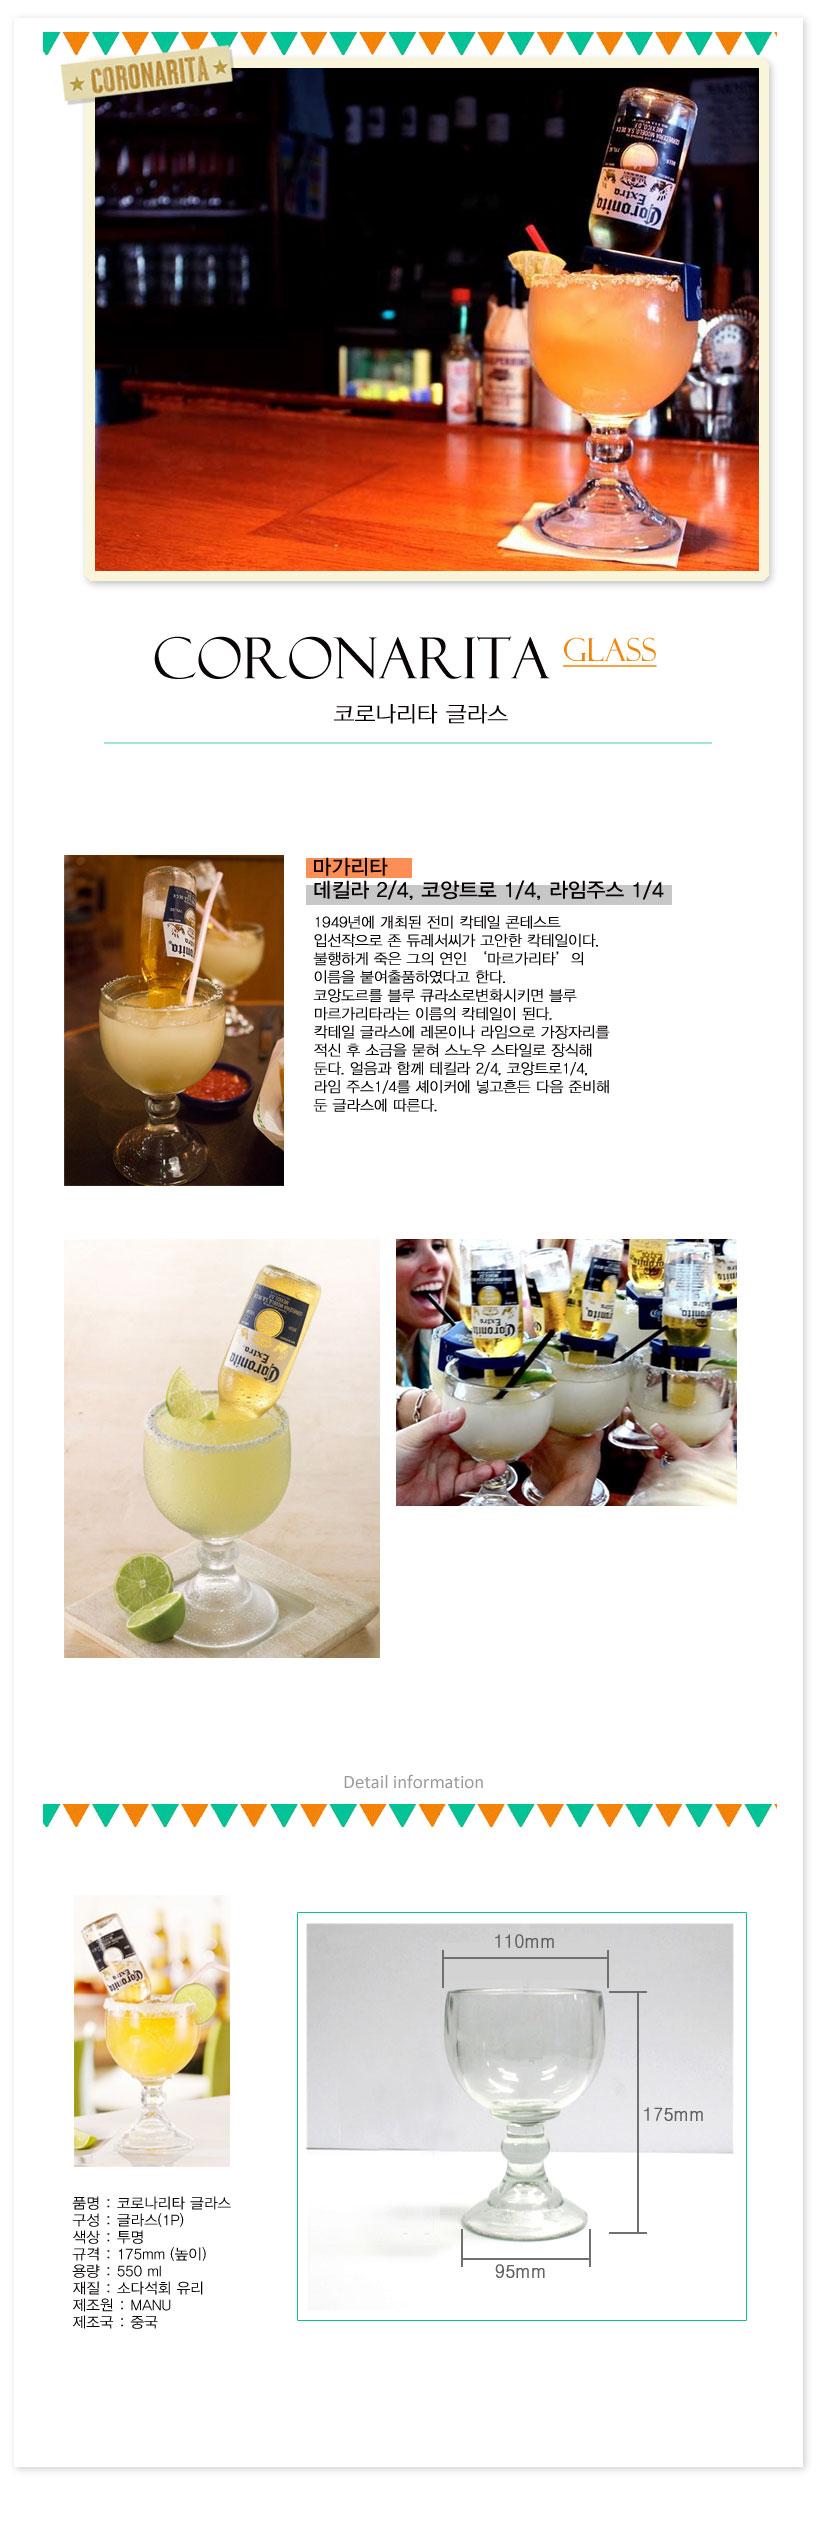 코로나리타 글라스 맥주잔 - 재미있는생활, 8,000원, 유리컵/술잔, 유리컵